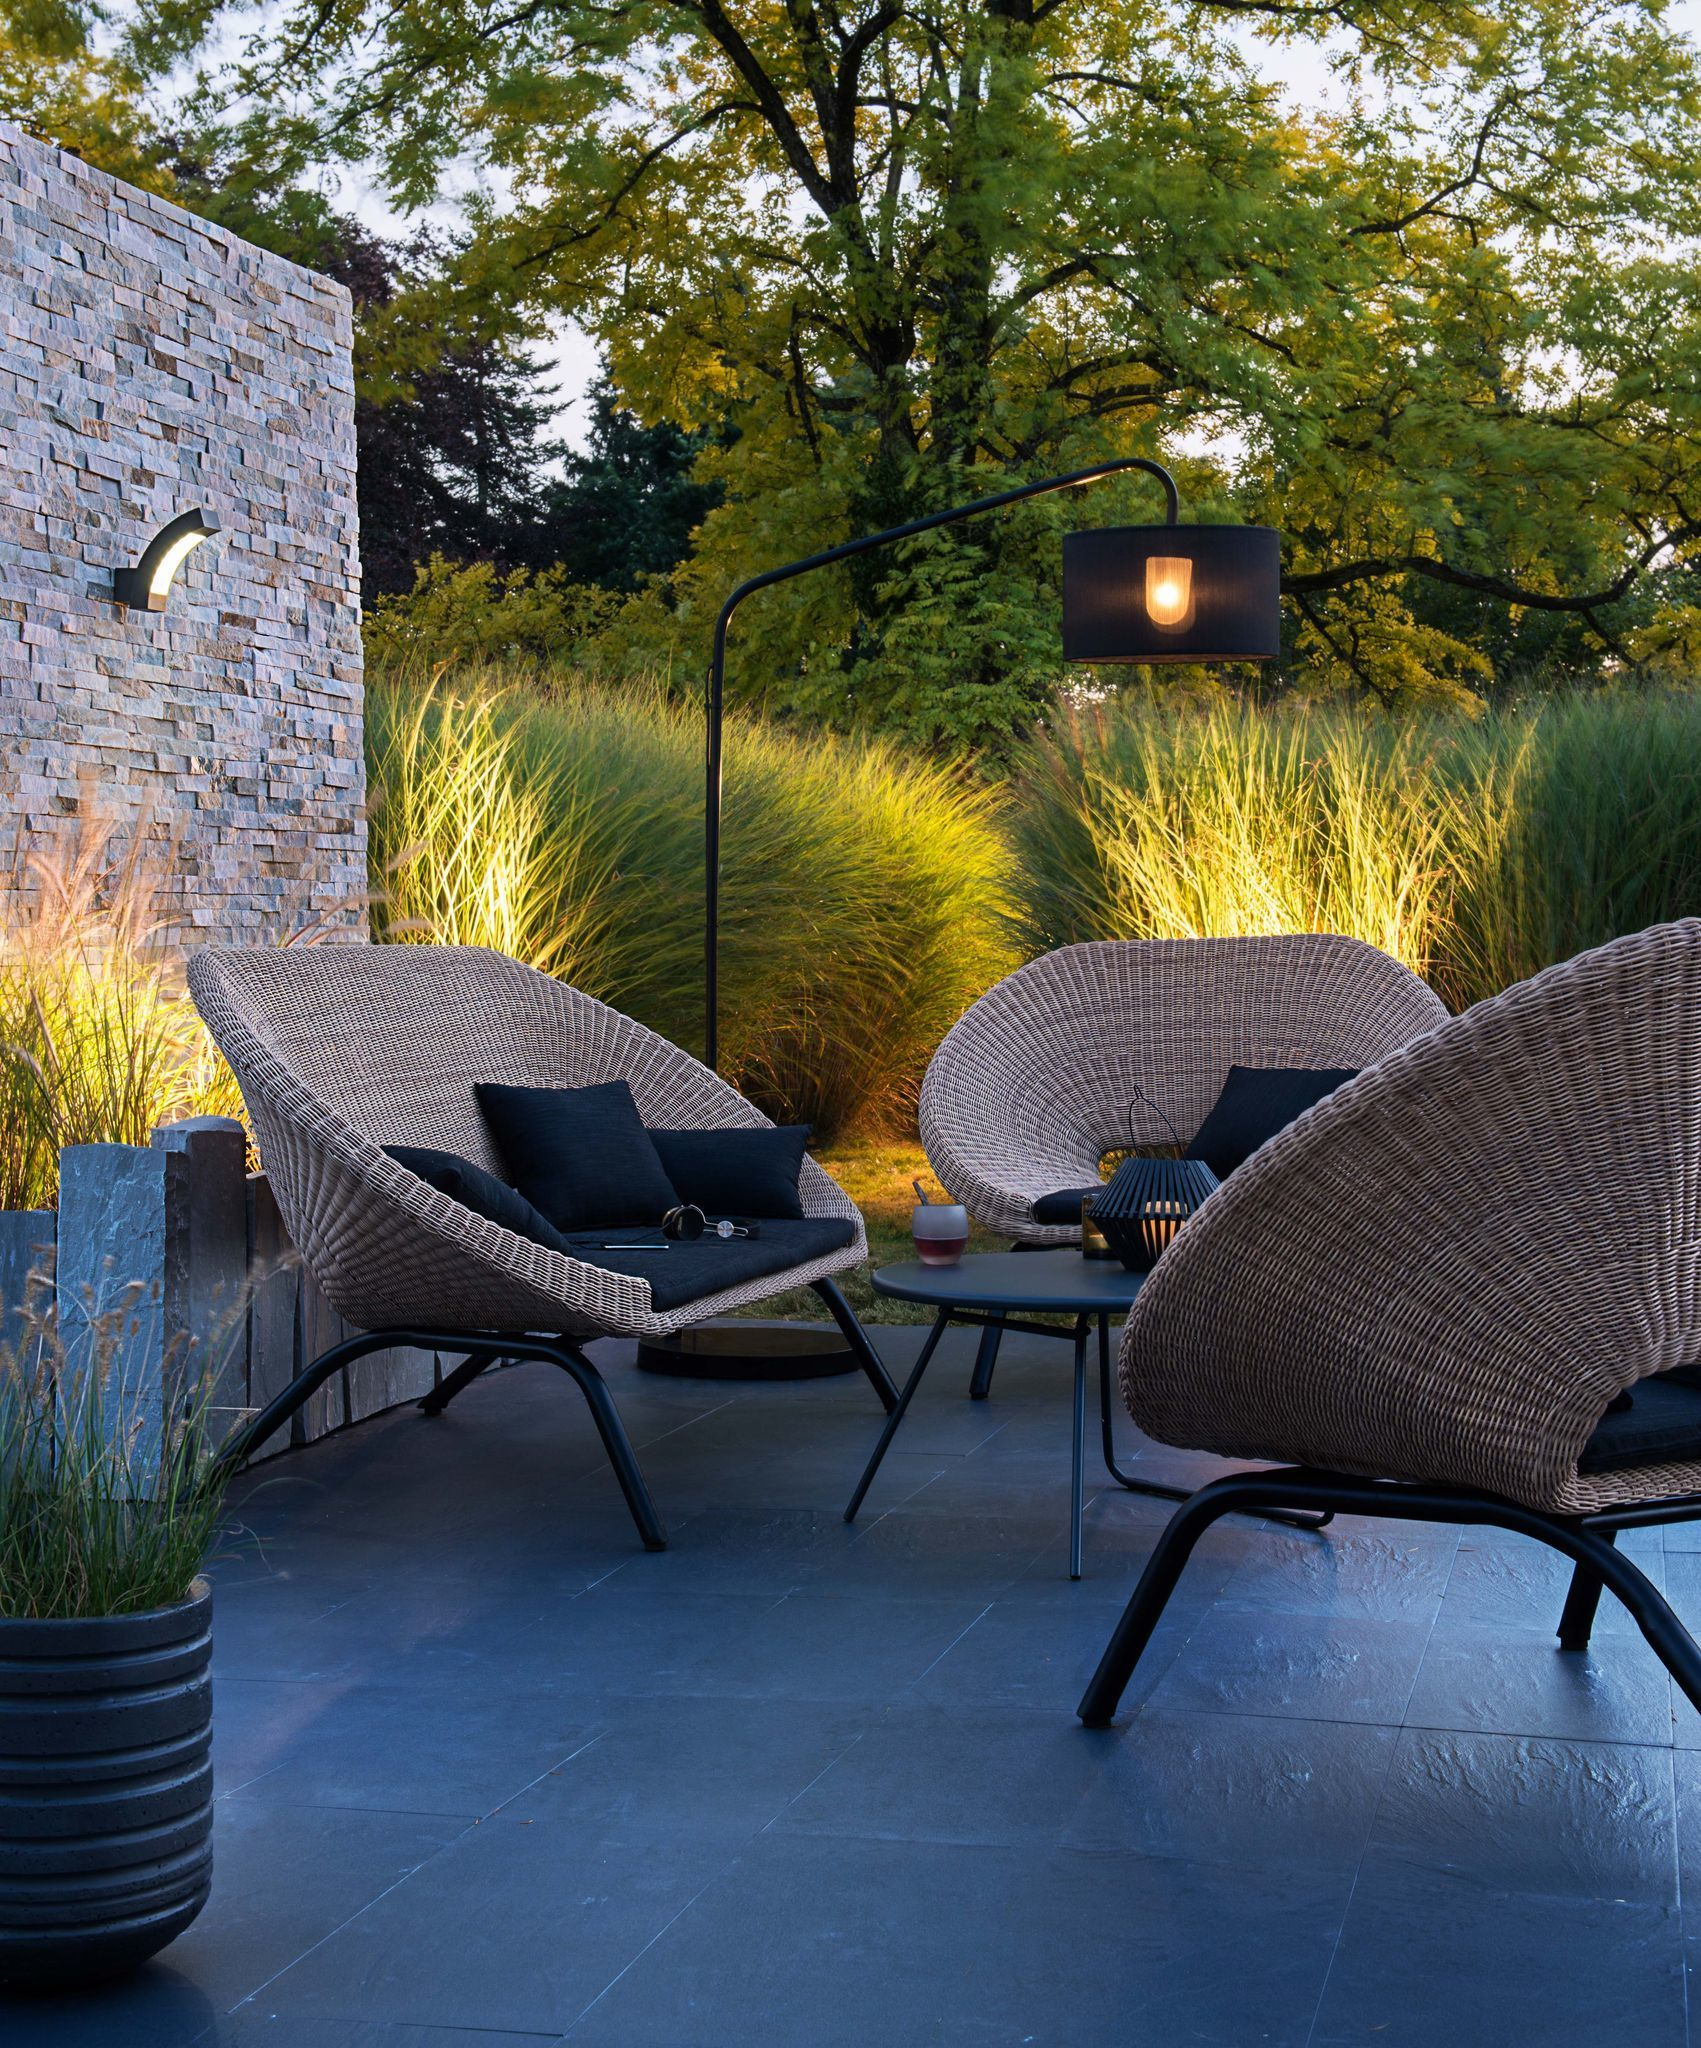 Salon De Jardin Moderne Design - Baser.vtngcf.org concernant Salon De Jardin Truffaut